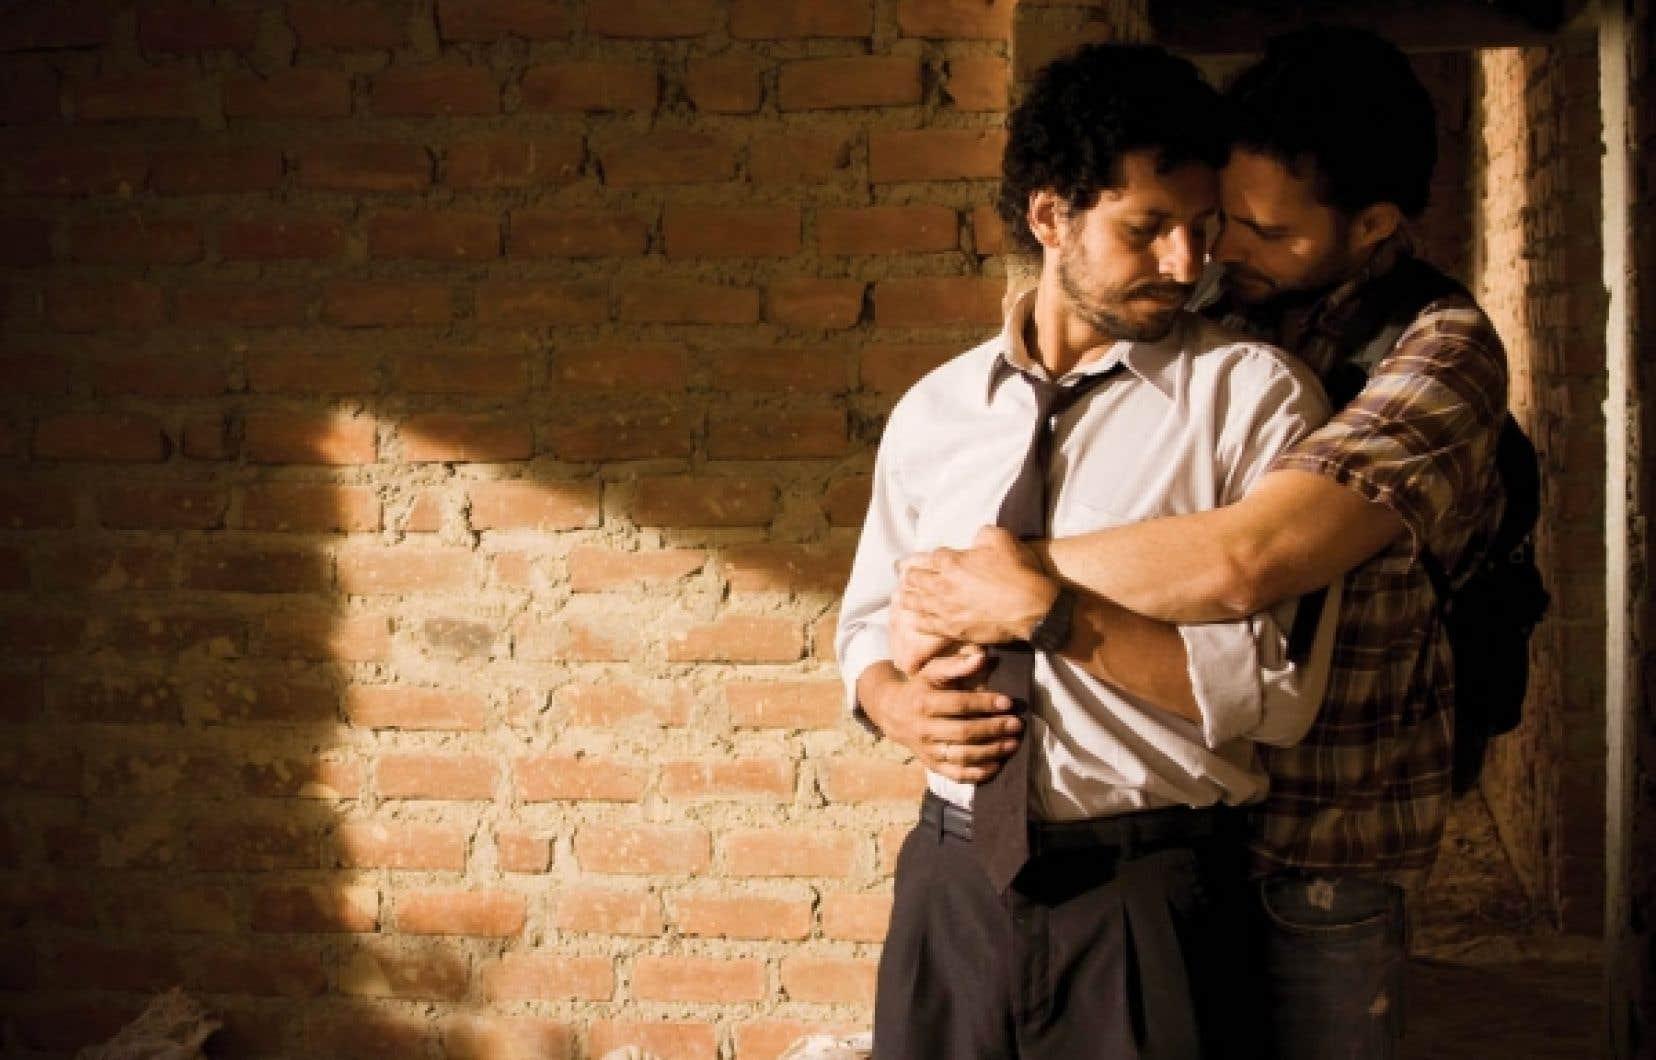 Contracorriente relate les déboires de Miguel, un pêcheur dont l'épouse Mariela accouchera sous peu de leur premier enfant au moment même où Santiago, l'amant de Miguel, s'impatiente...<br />